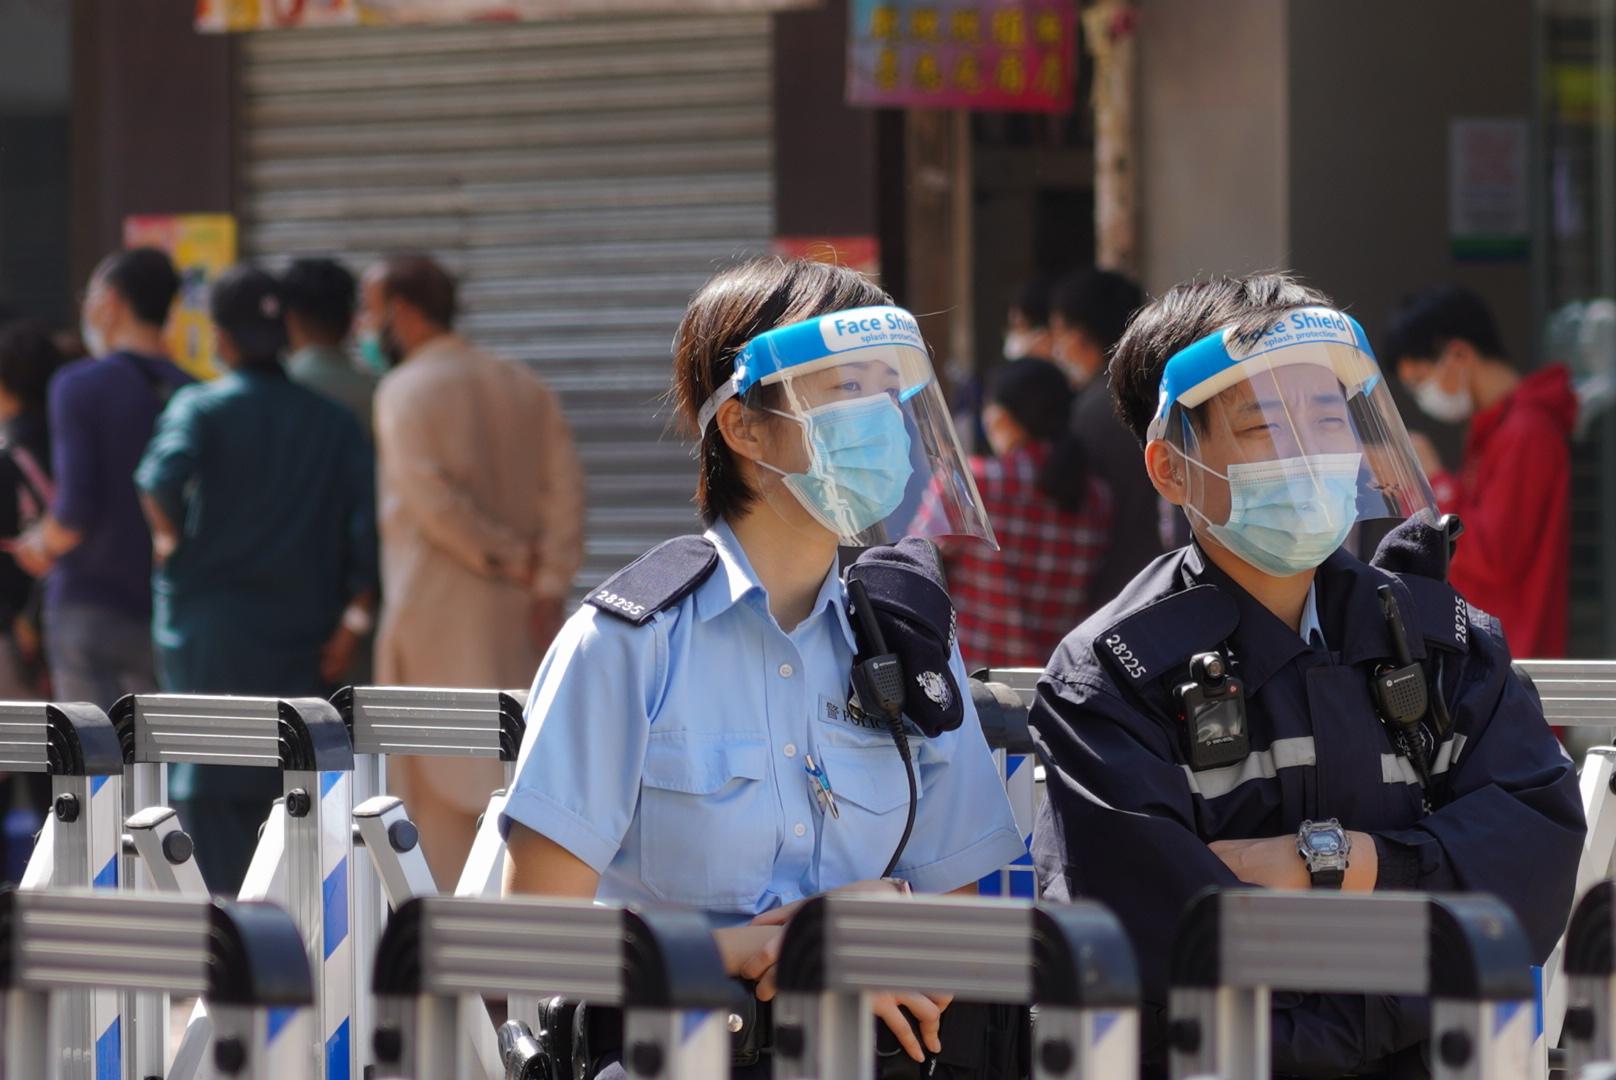 有警員在強制檢測區域駐守。(余鋼/大紀元)